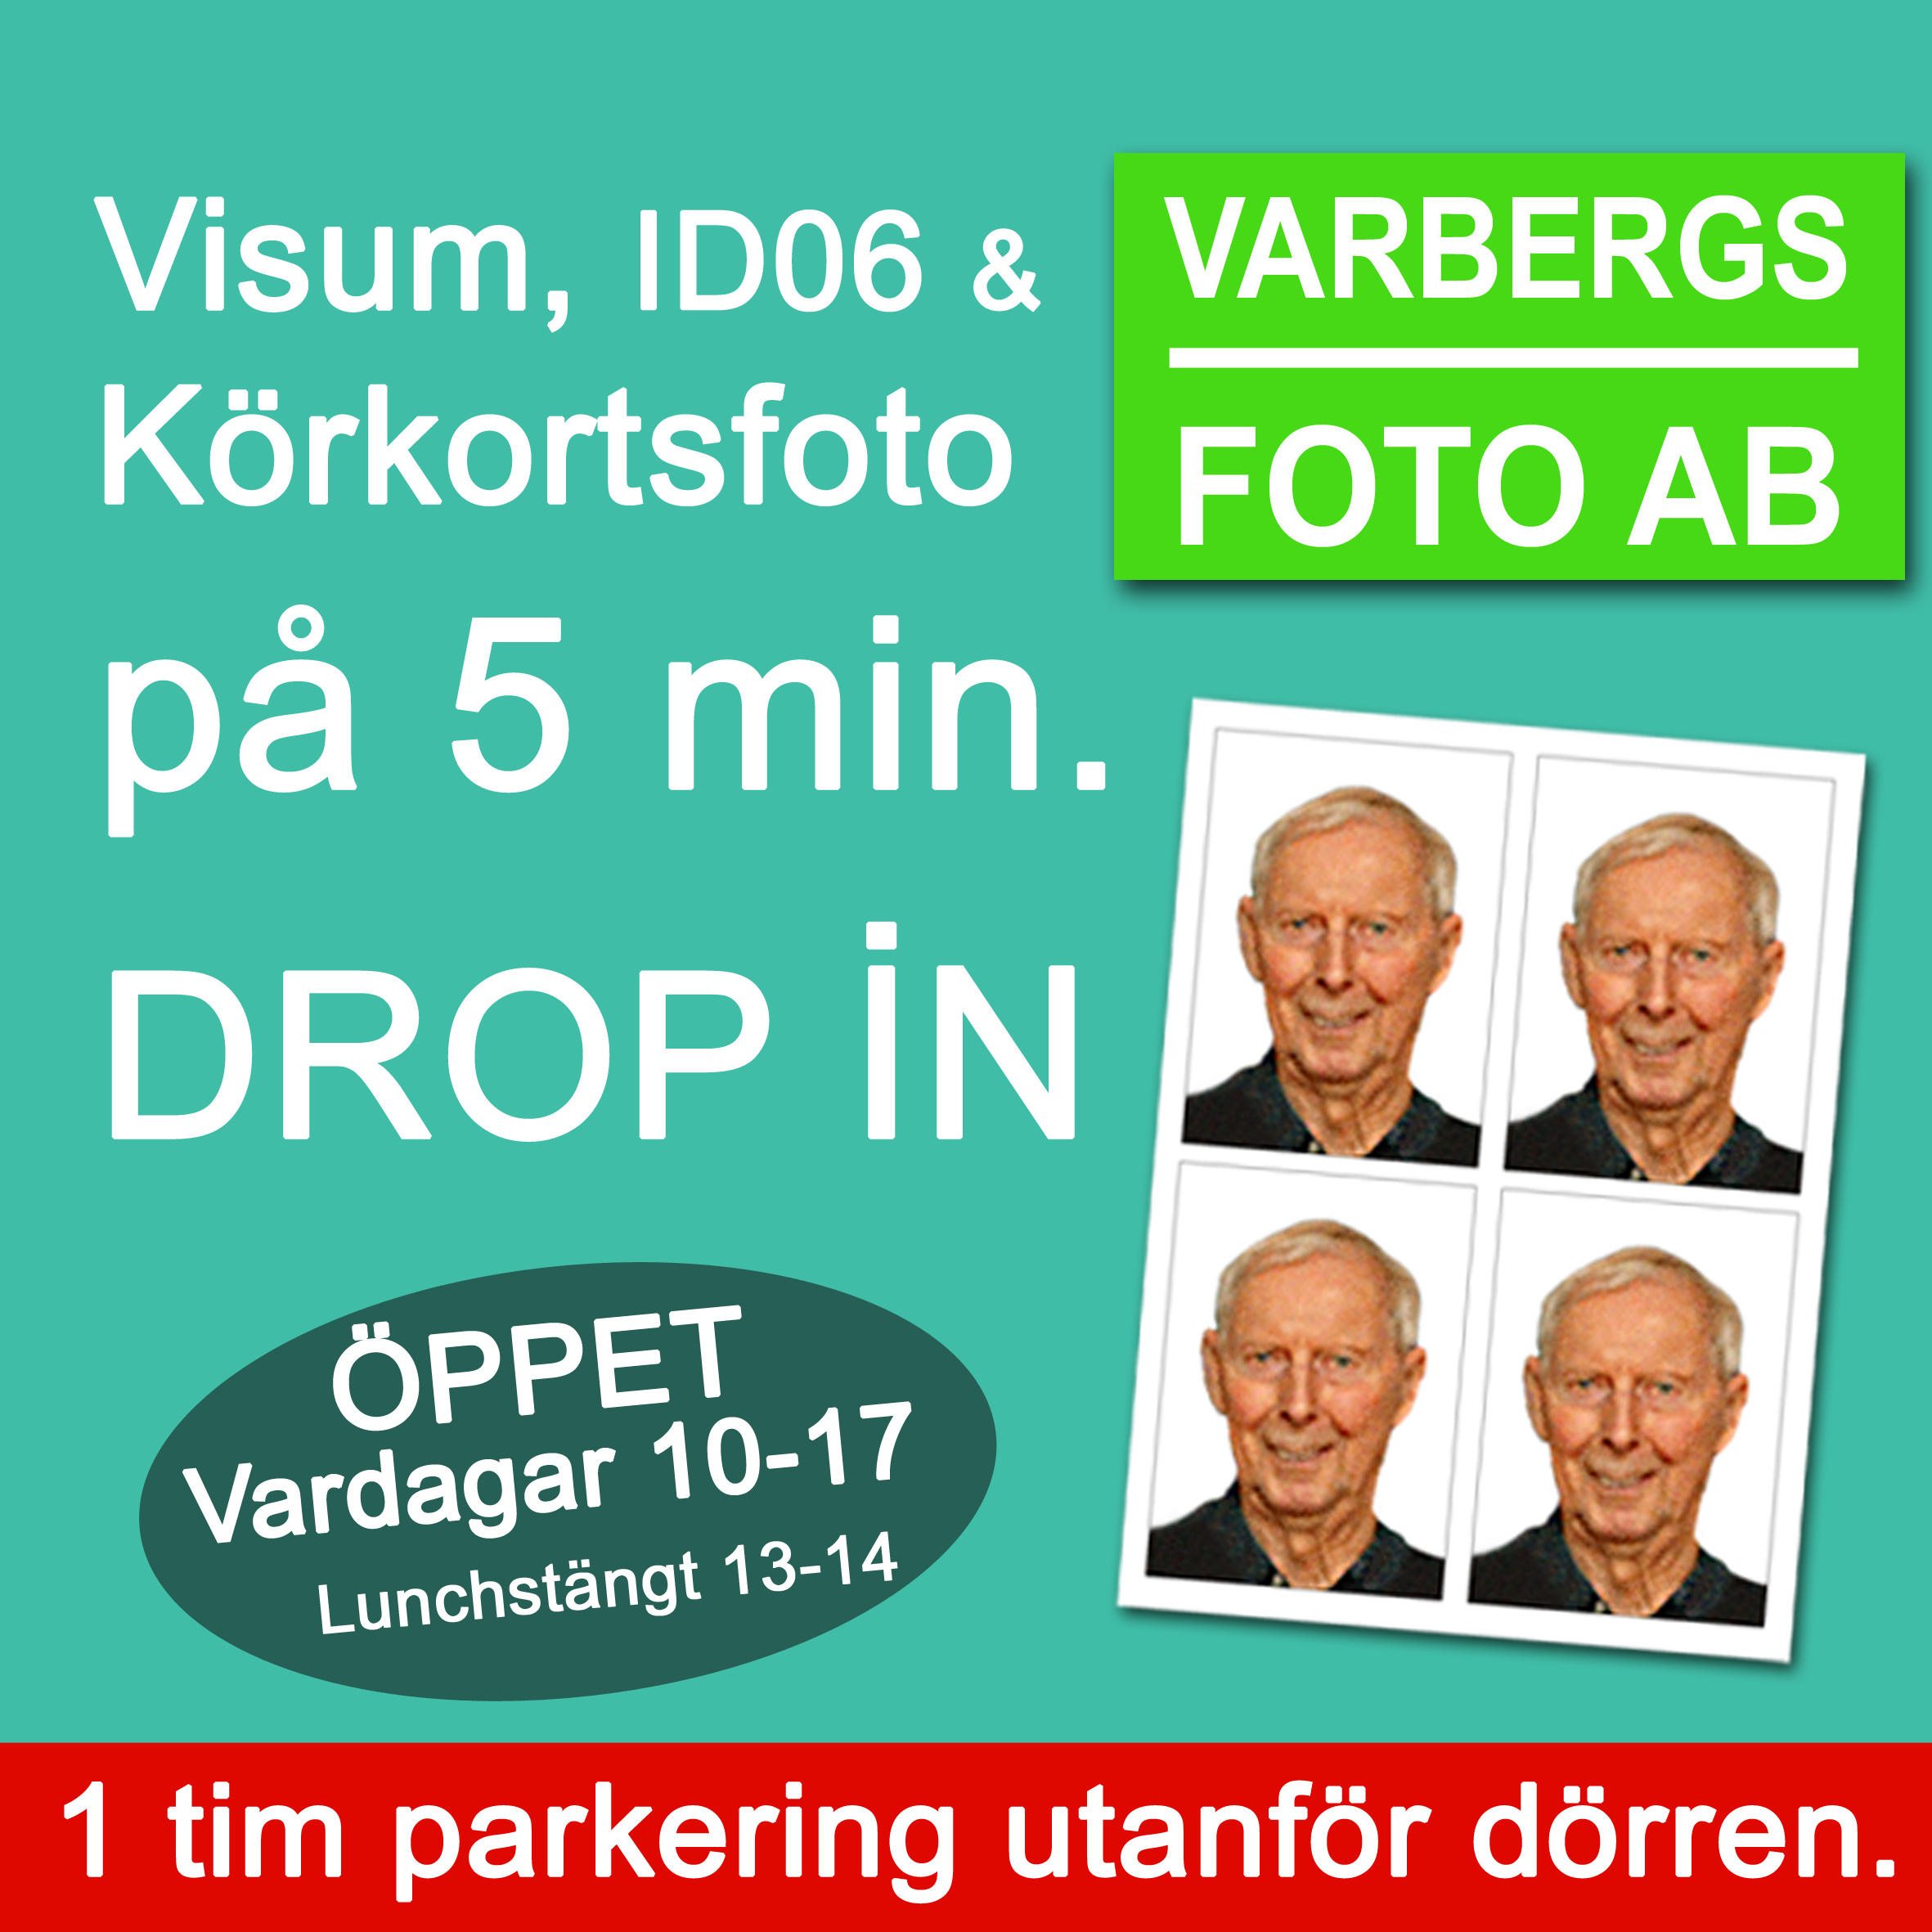 Varbergs Foto AB